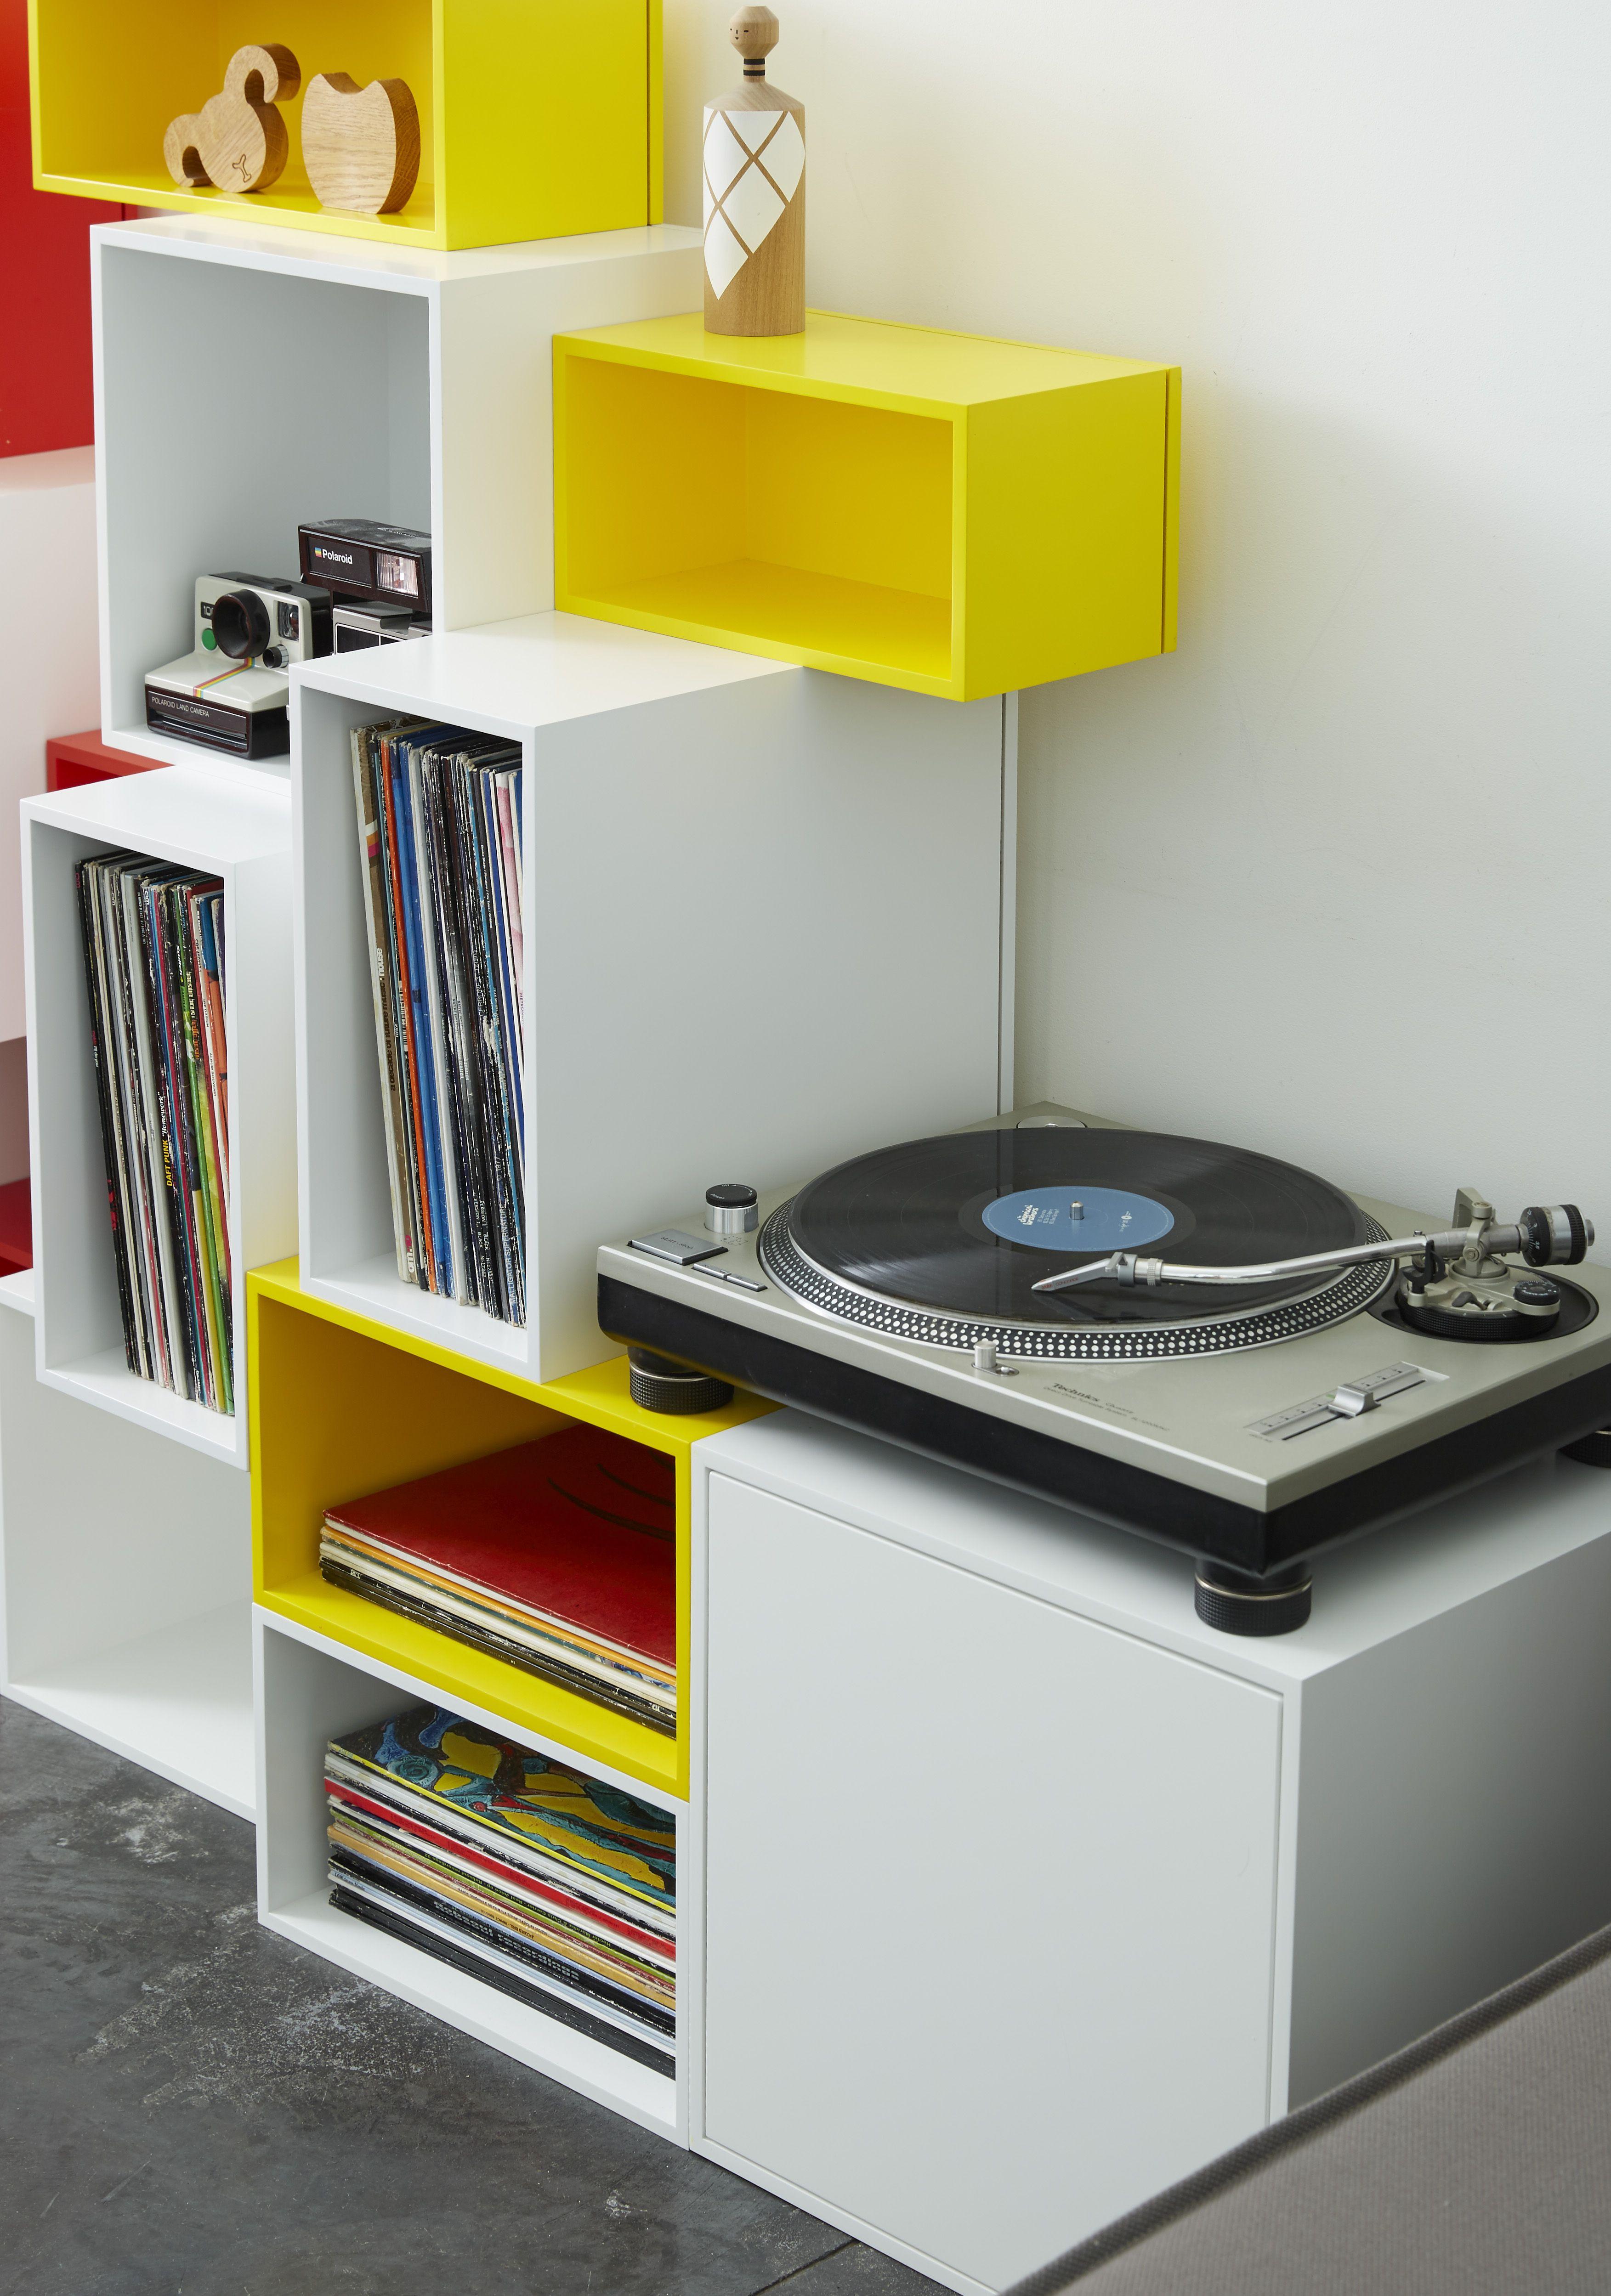 Etagere Bibliotheque Cube Jaune Et Blanche Pour Ranger Des Vinyles 33 Tours Disques Un Design Moderne Et Meuble Vinyle Mobilier De Salon Rangement Vinyle